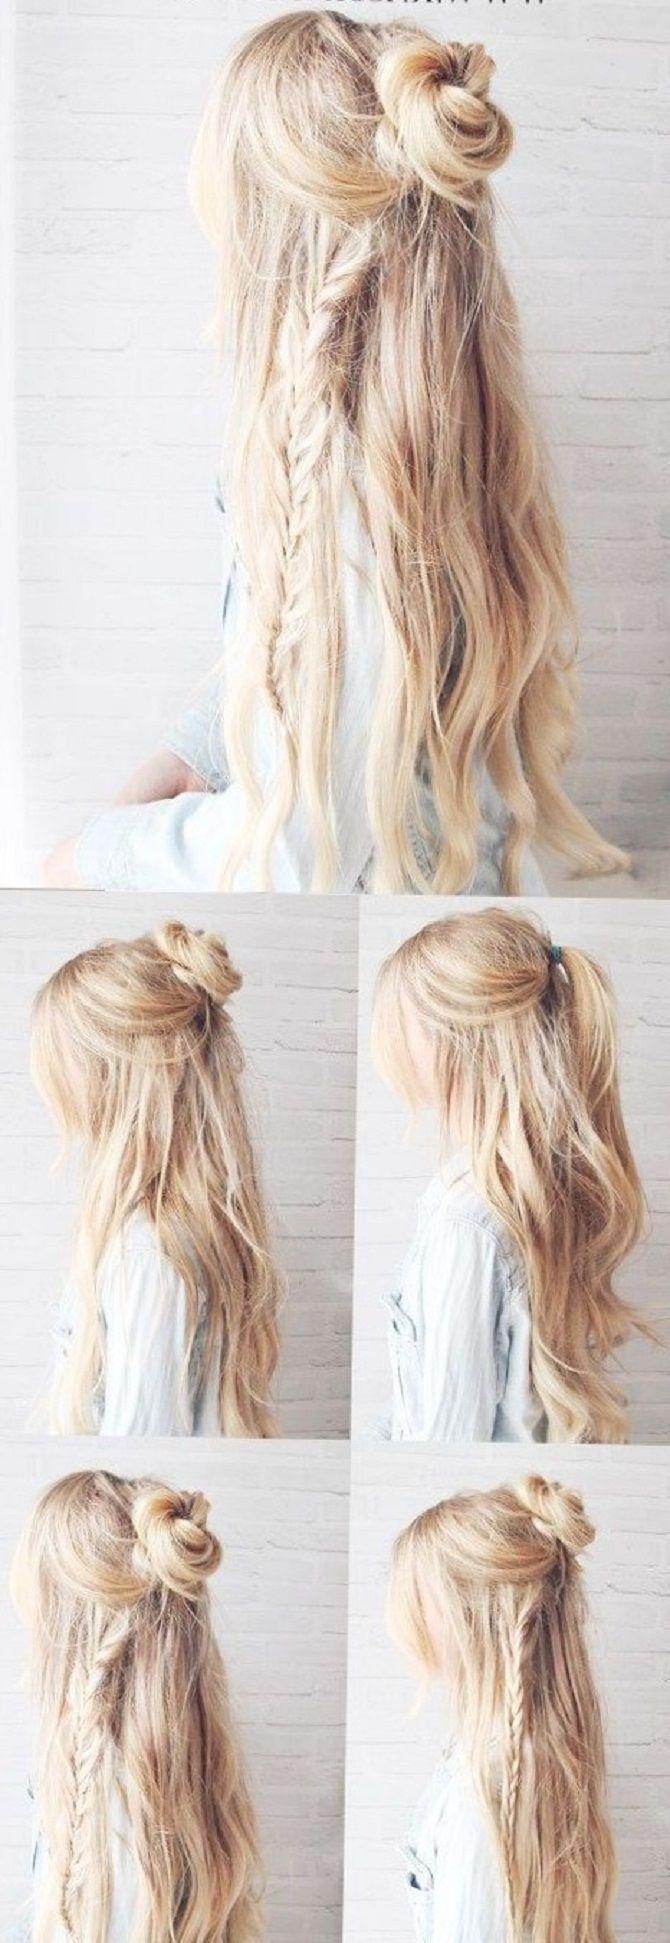 Топ-12 сучасних і модних зачісок в школу для підлітків: нові ідеї, фото 1